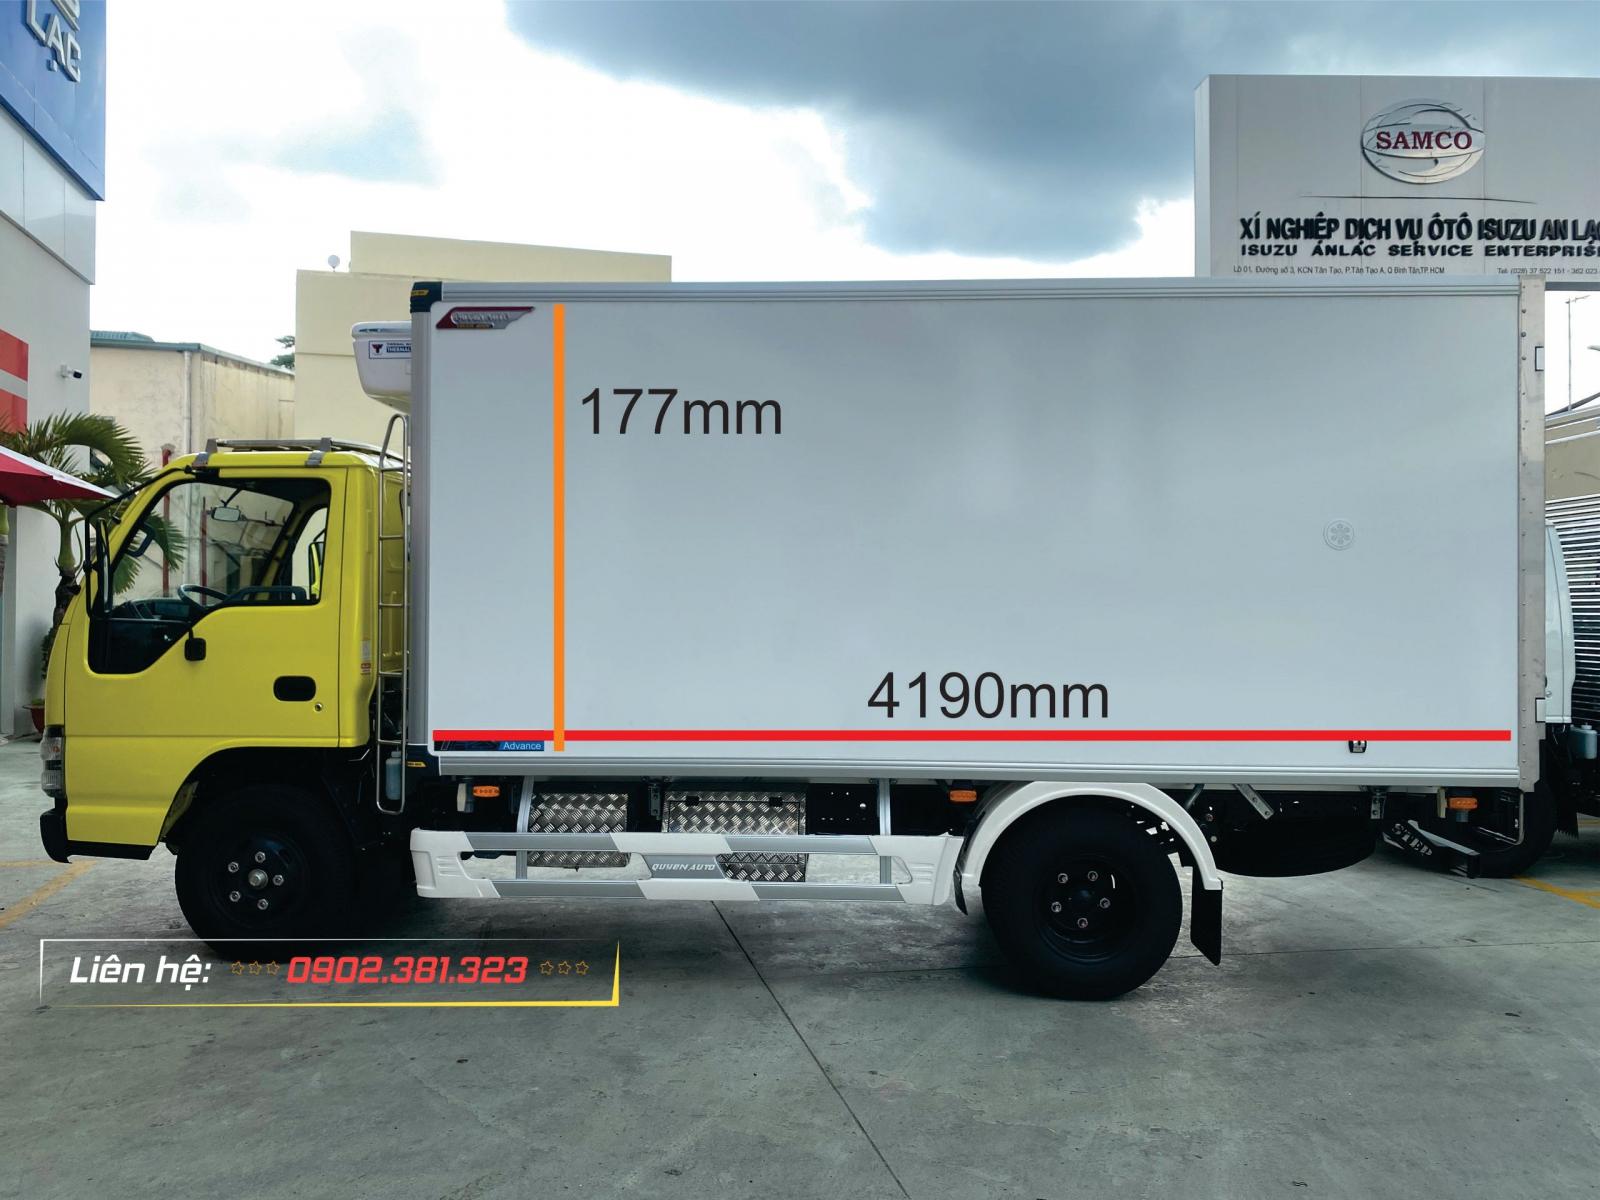 xe tải isuzu mới nhất 2021, bảng giá xe tải isuzu 2021, thị trường xe tải isuzu 2021, đại lí isuzu an lạc 2021, xe tải isuzu chính hãng